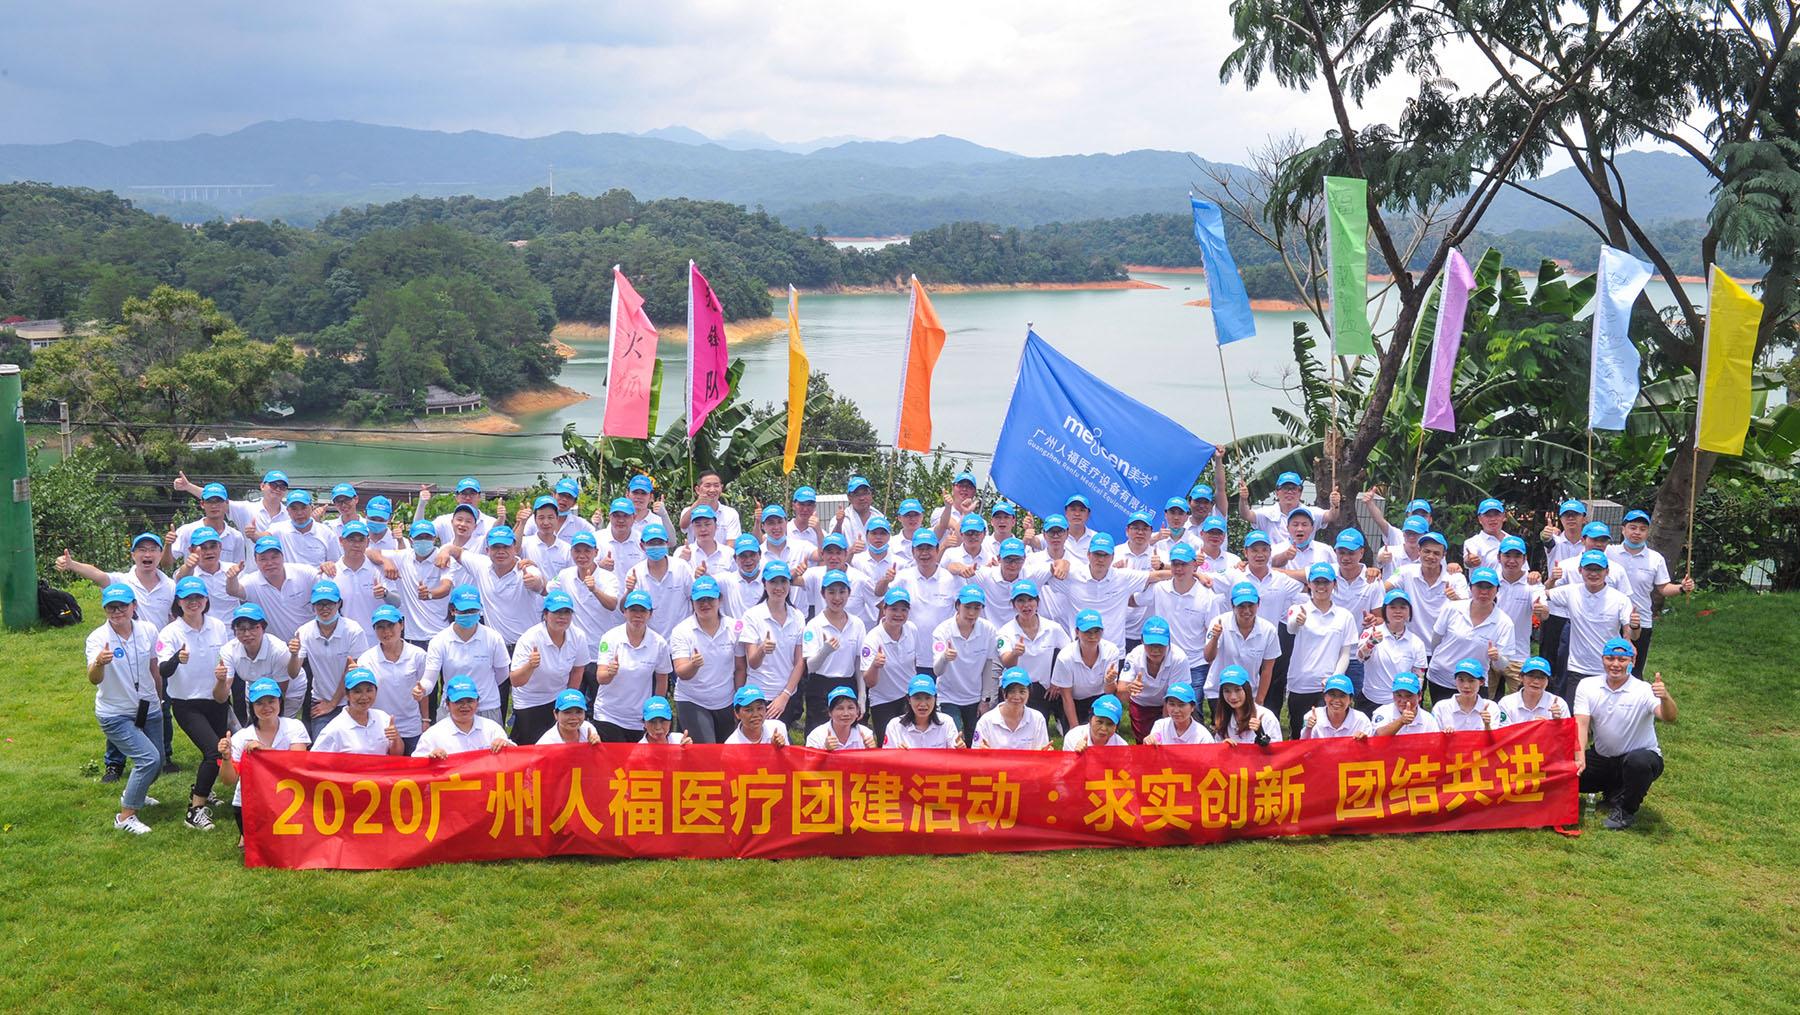 人福有我更精彩——2020年广州人福医疗团建圆满成功